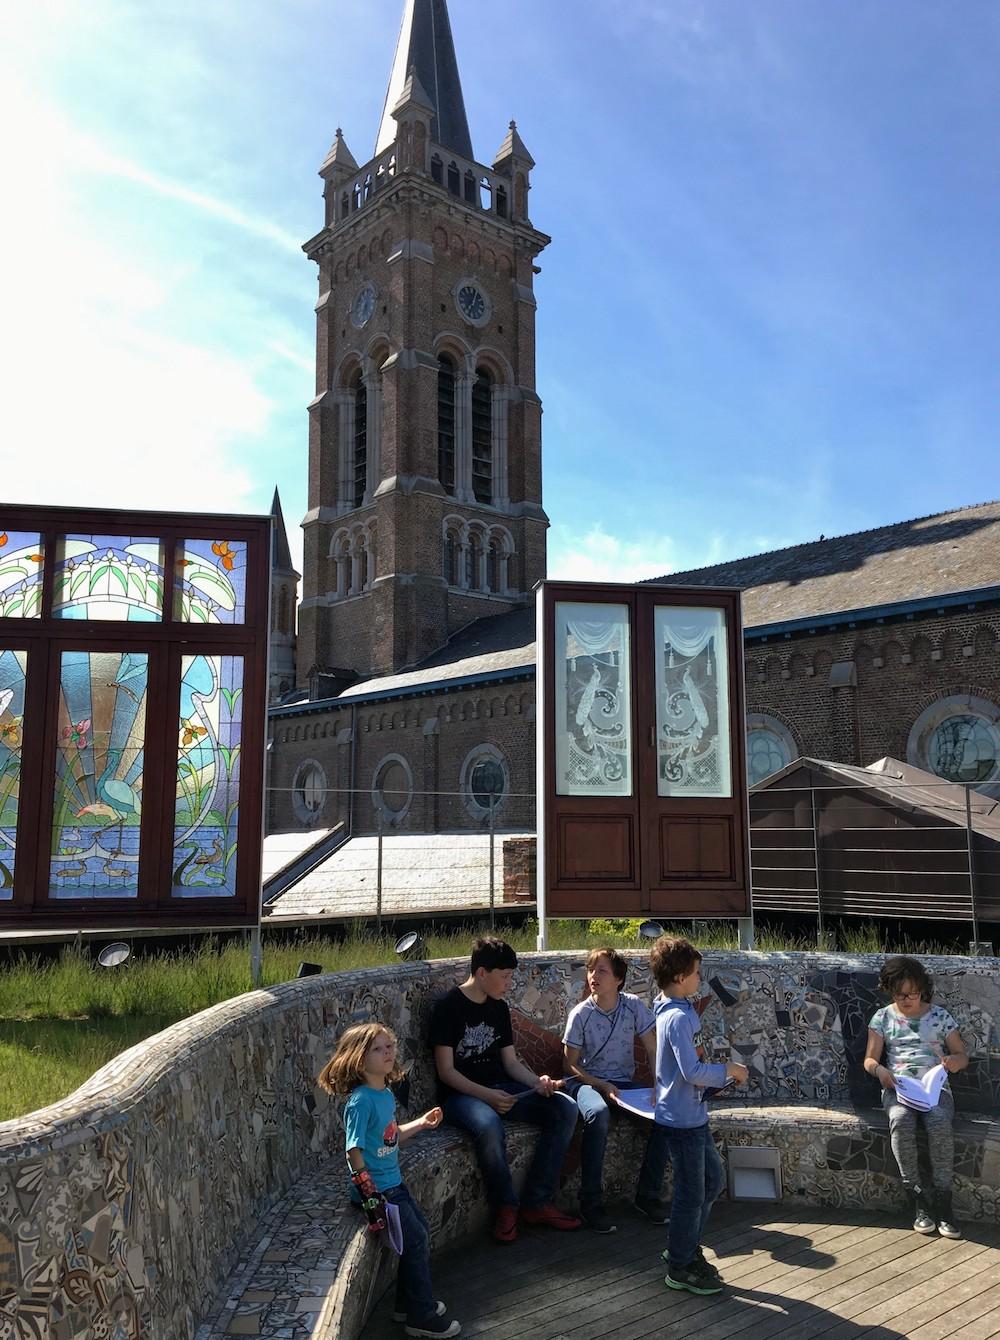 Doen aan de Belgische kust met kinderen - belle epoque